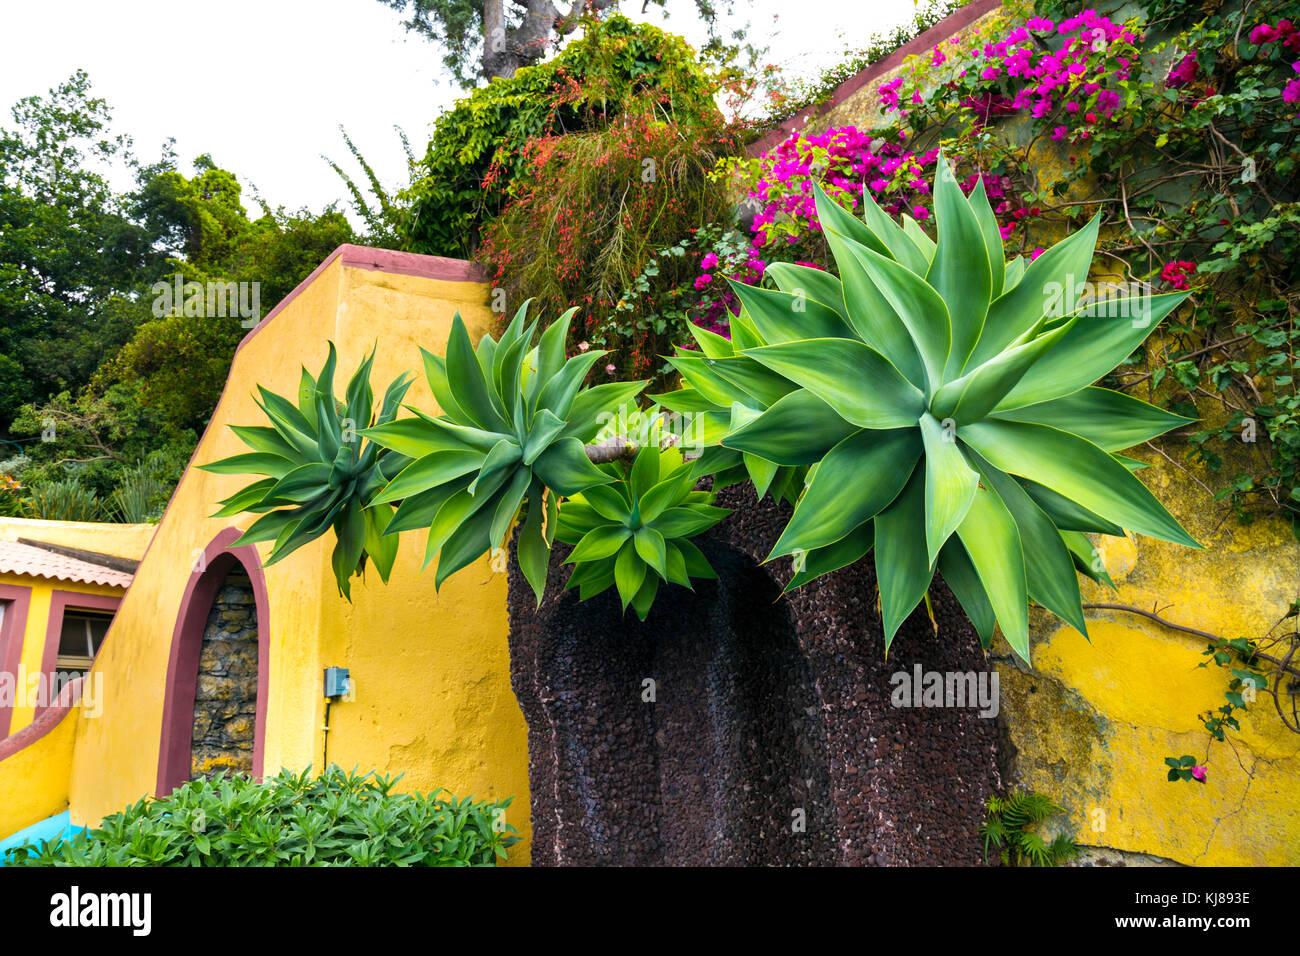 agave attenuata pflanzen im botanischen garten jardim bot nico da madeira madeira portugal. Black Bedroom Furniture Sets. Home Design Ideas